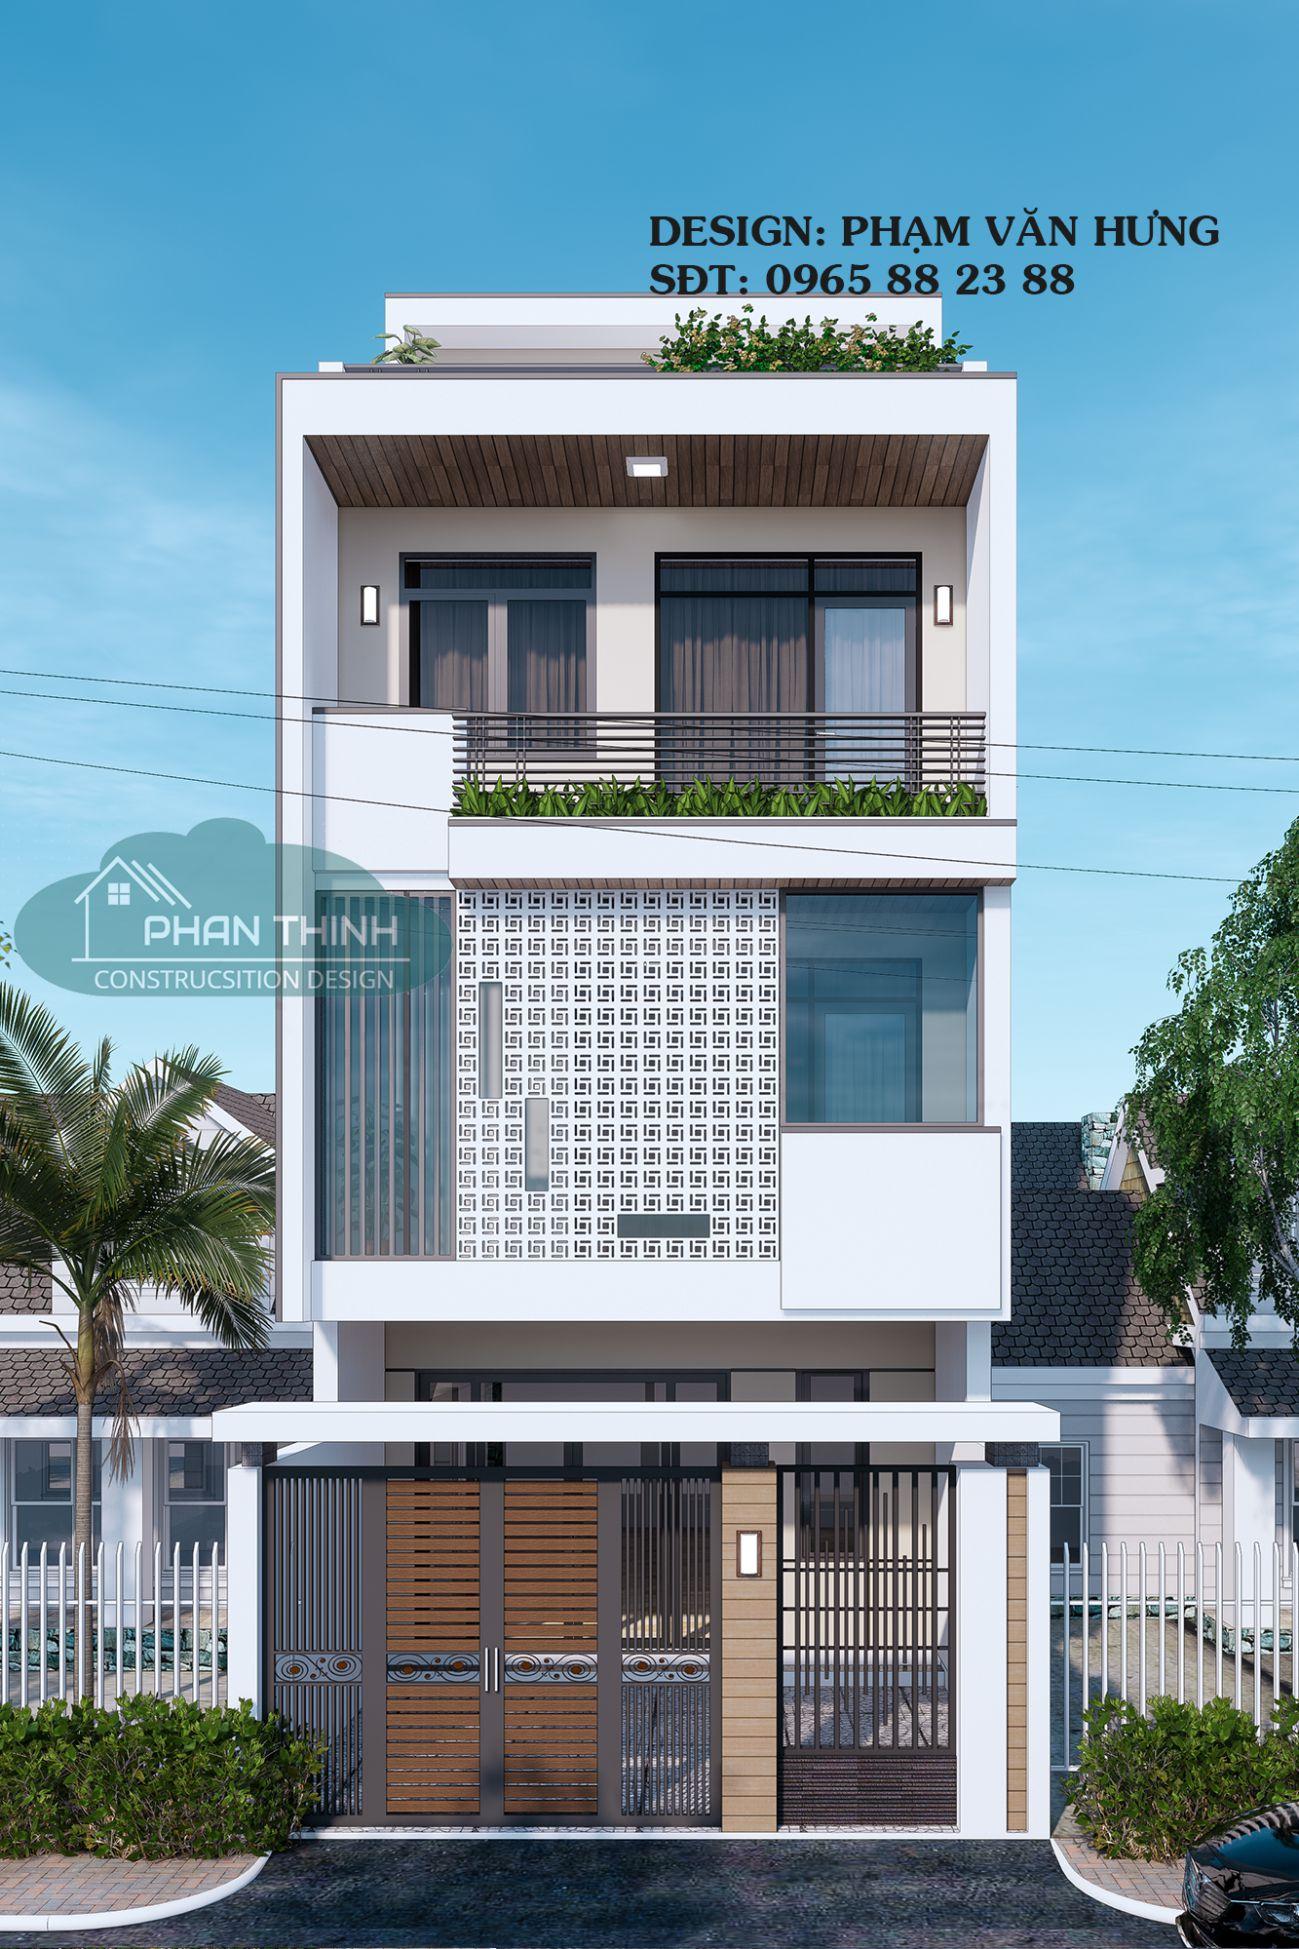 Mẫu nhà 3 tầng 1 tum hướng Tây đẹp ở Quảng Ninh